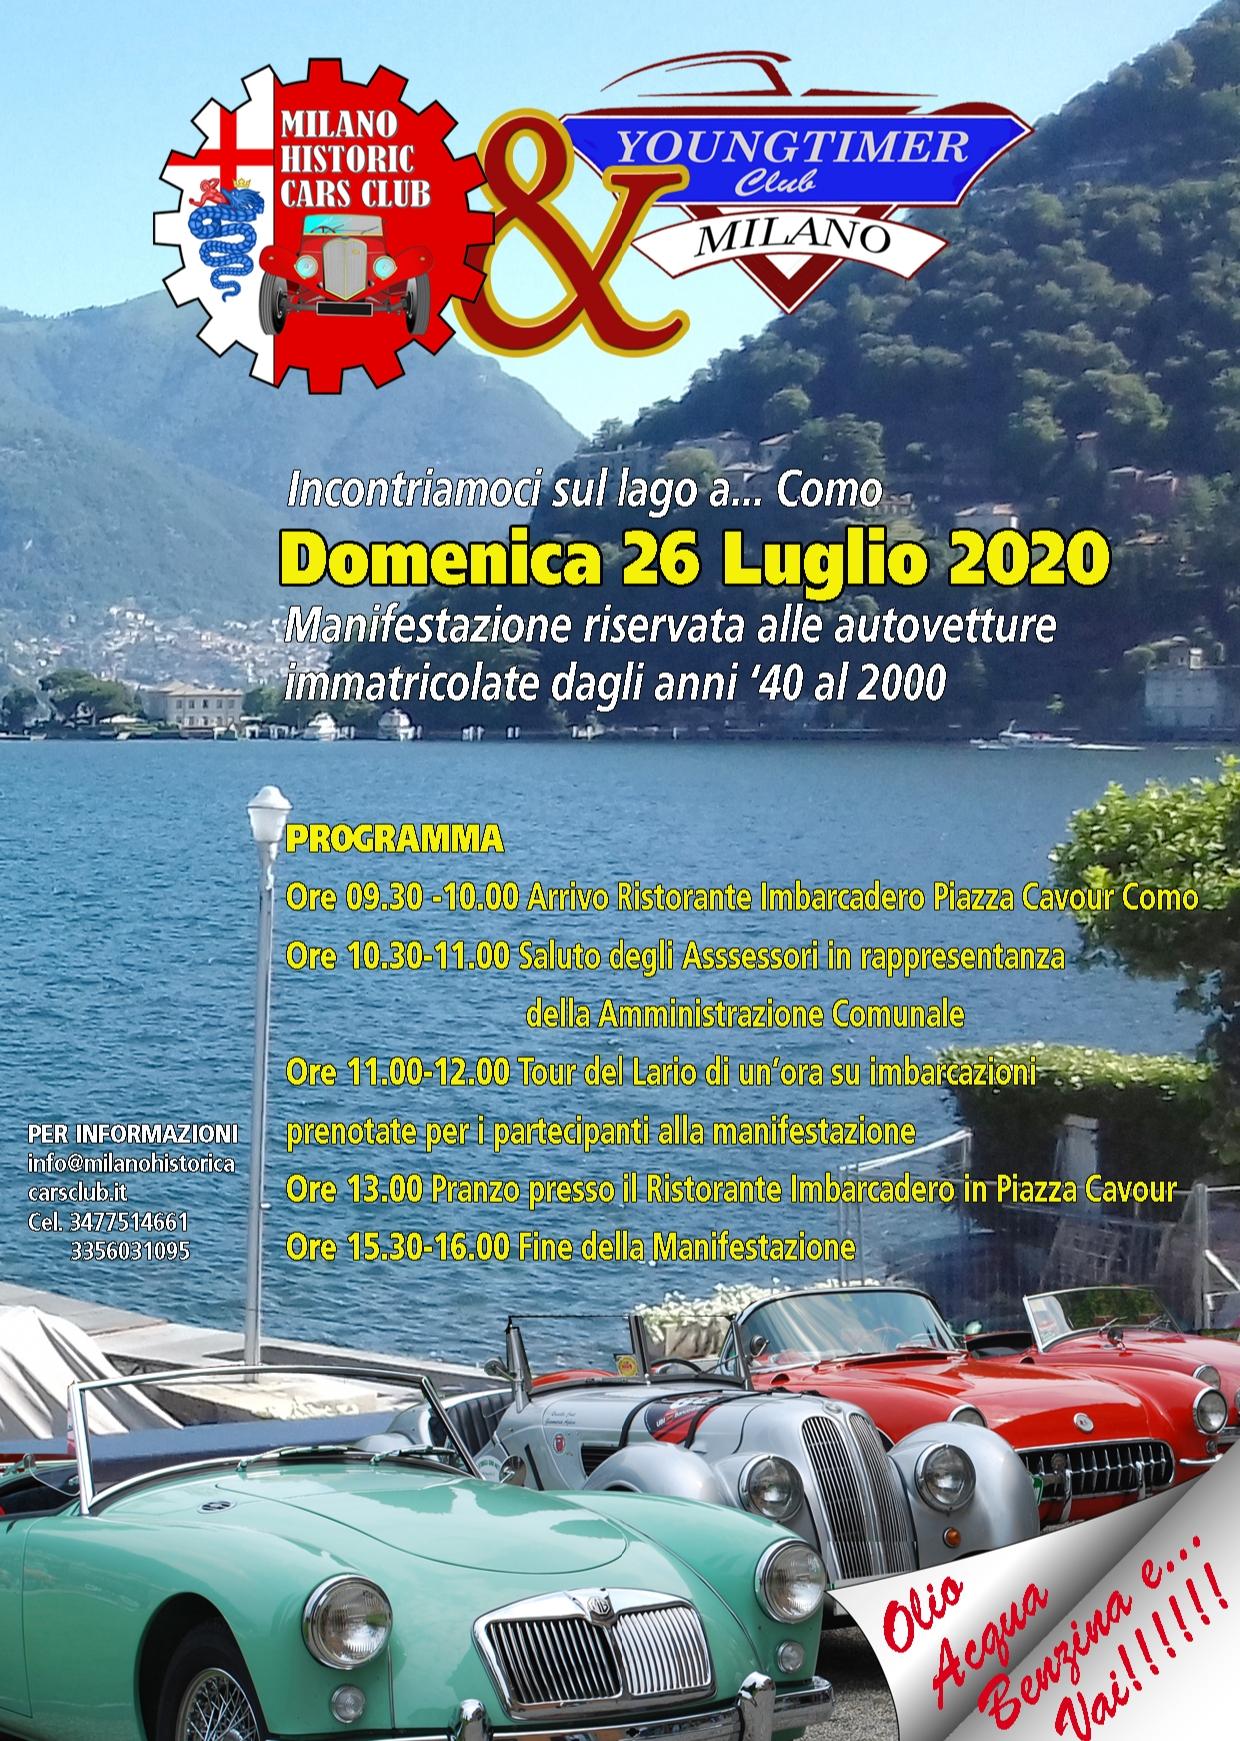 Locandina MHCC - 26 luglio 2020